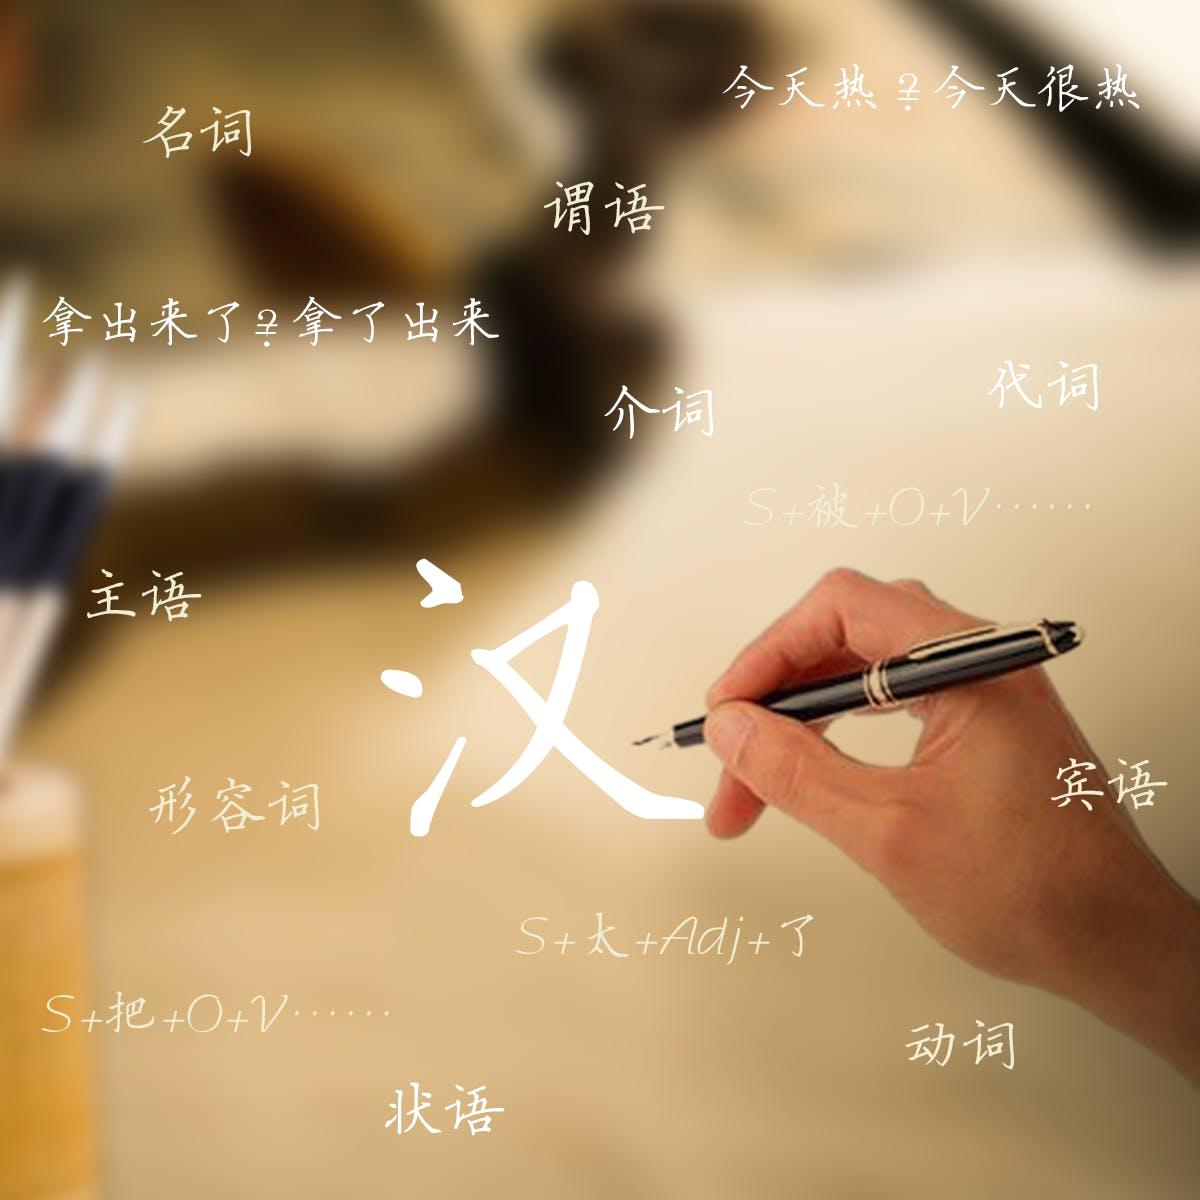 现代汉语核心语法